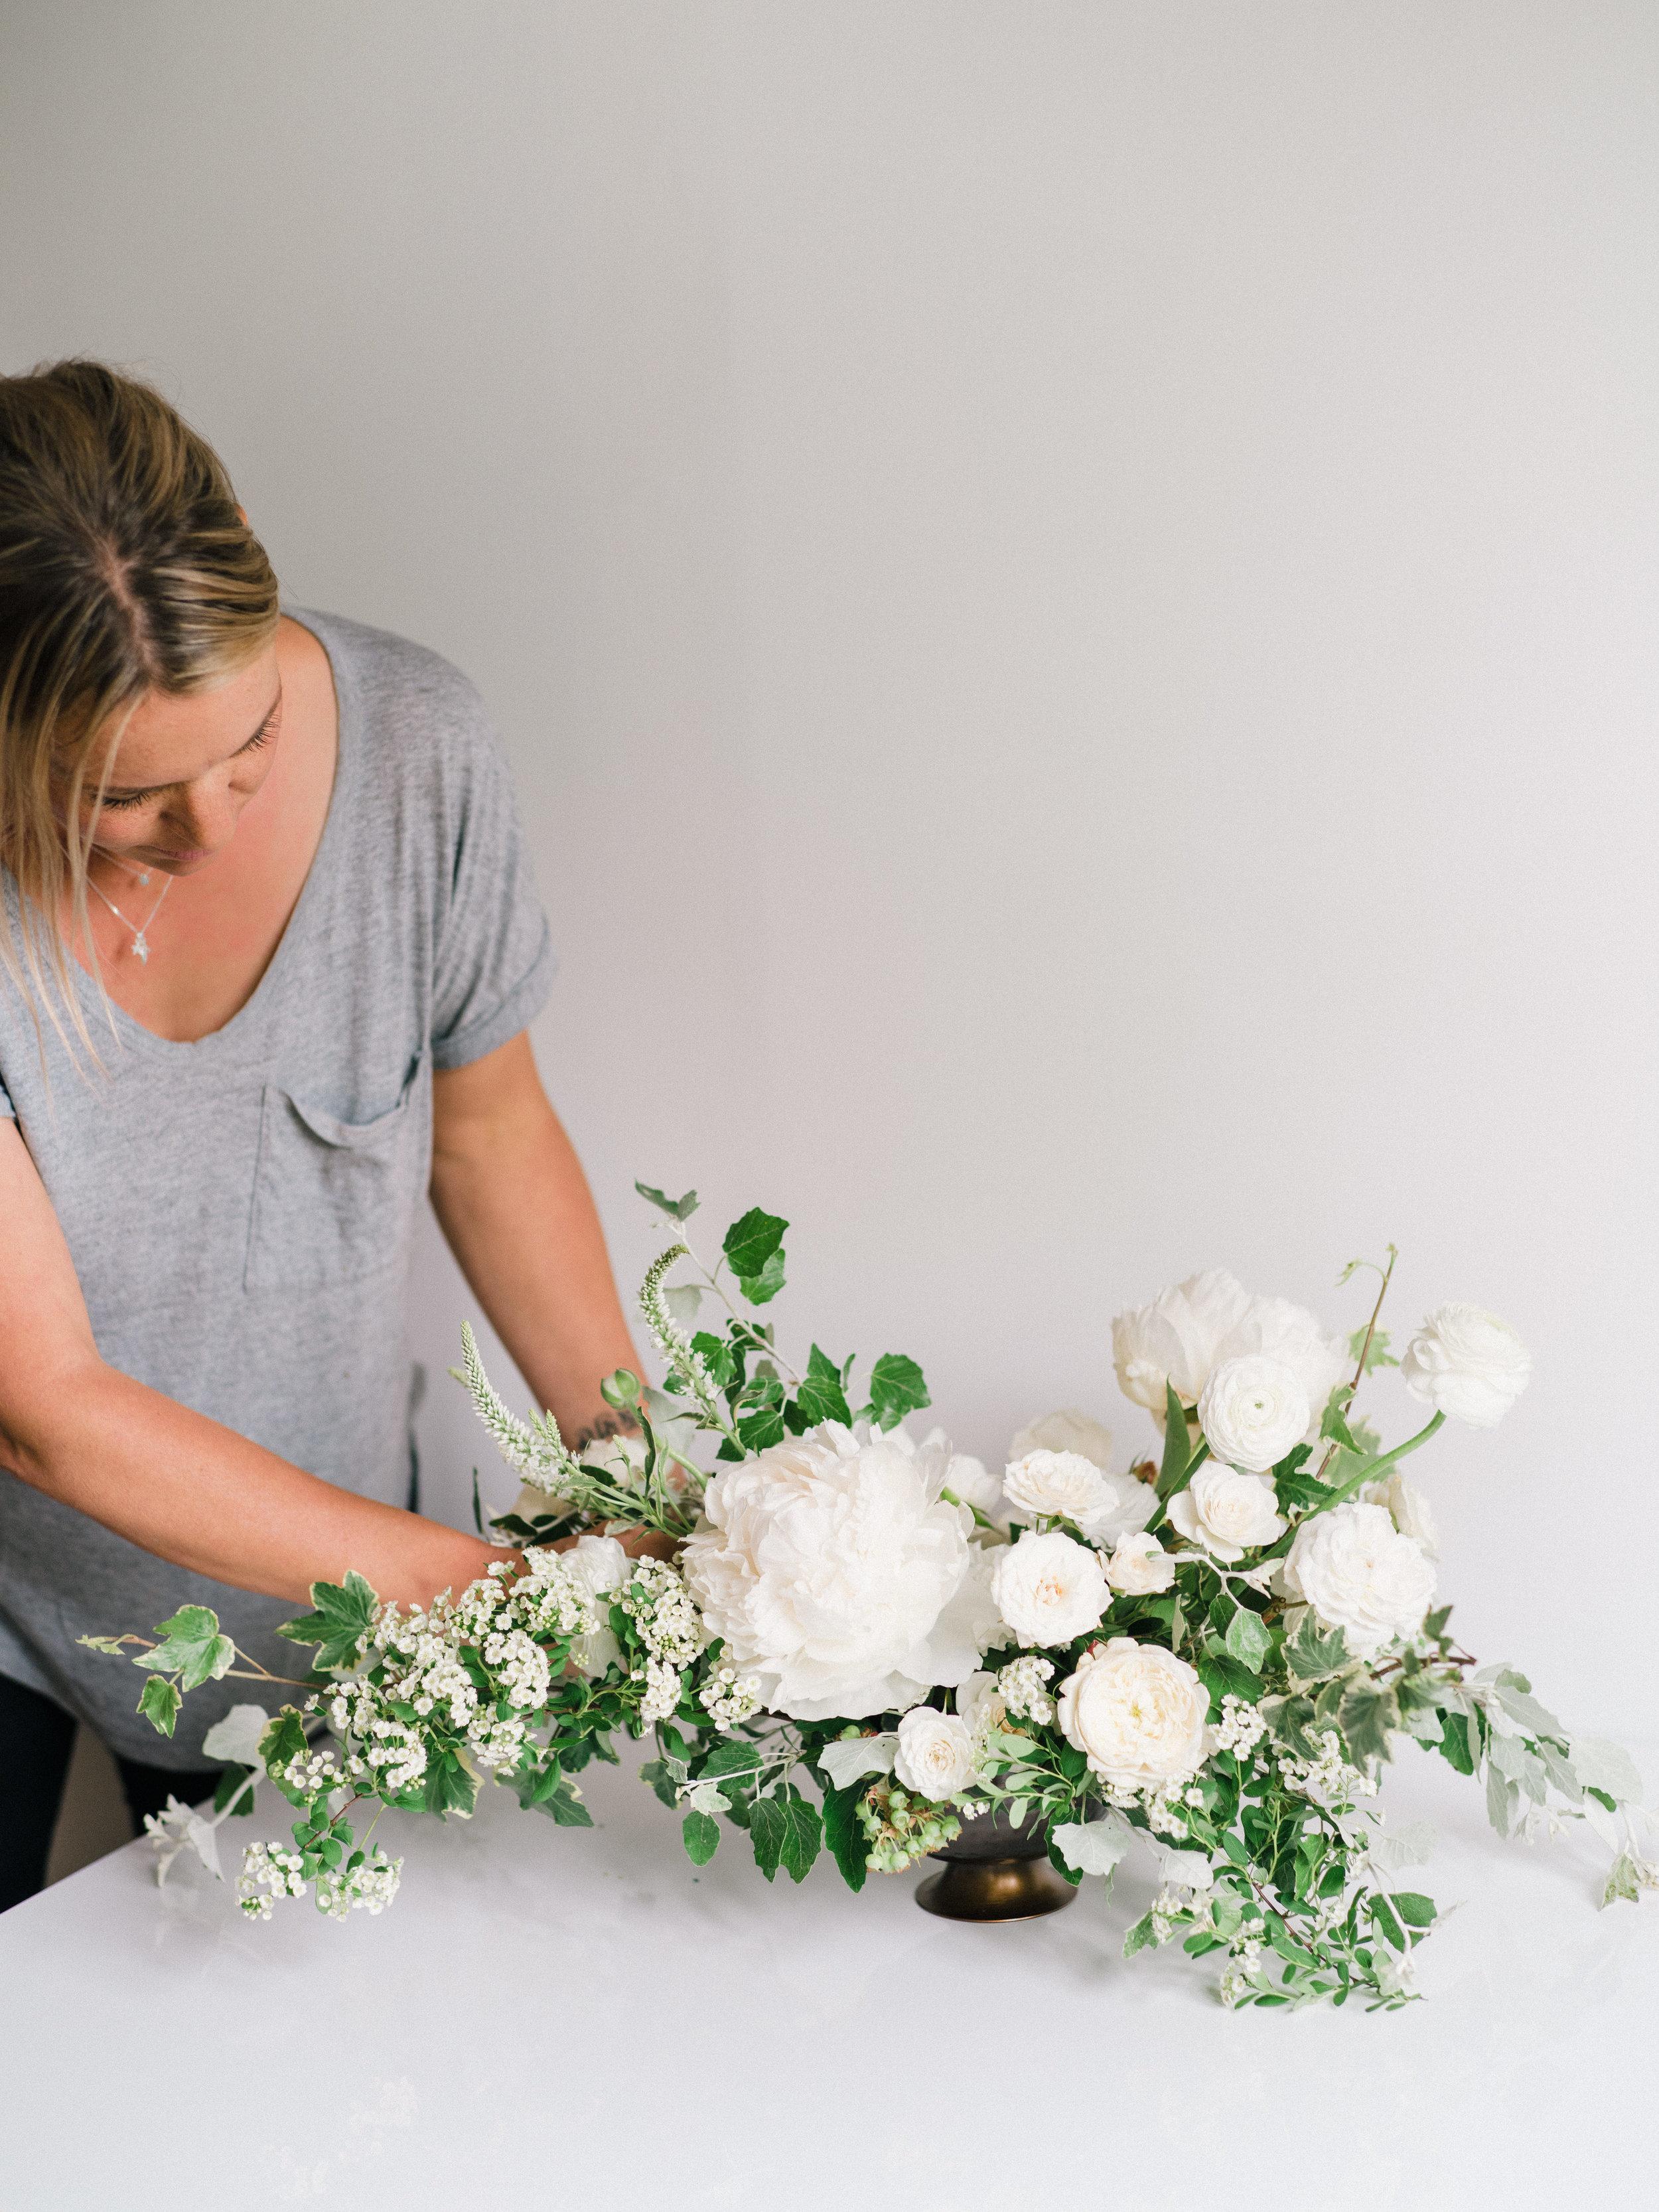 sinclairandmoore-real-wedding-workshop-ryanflynn-00441.jpg